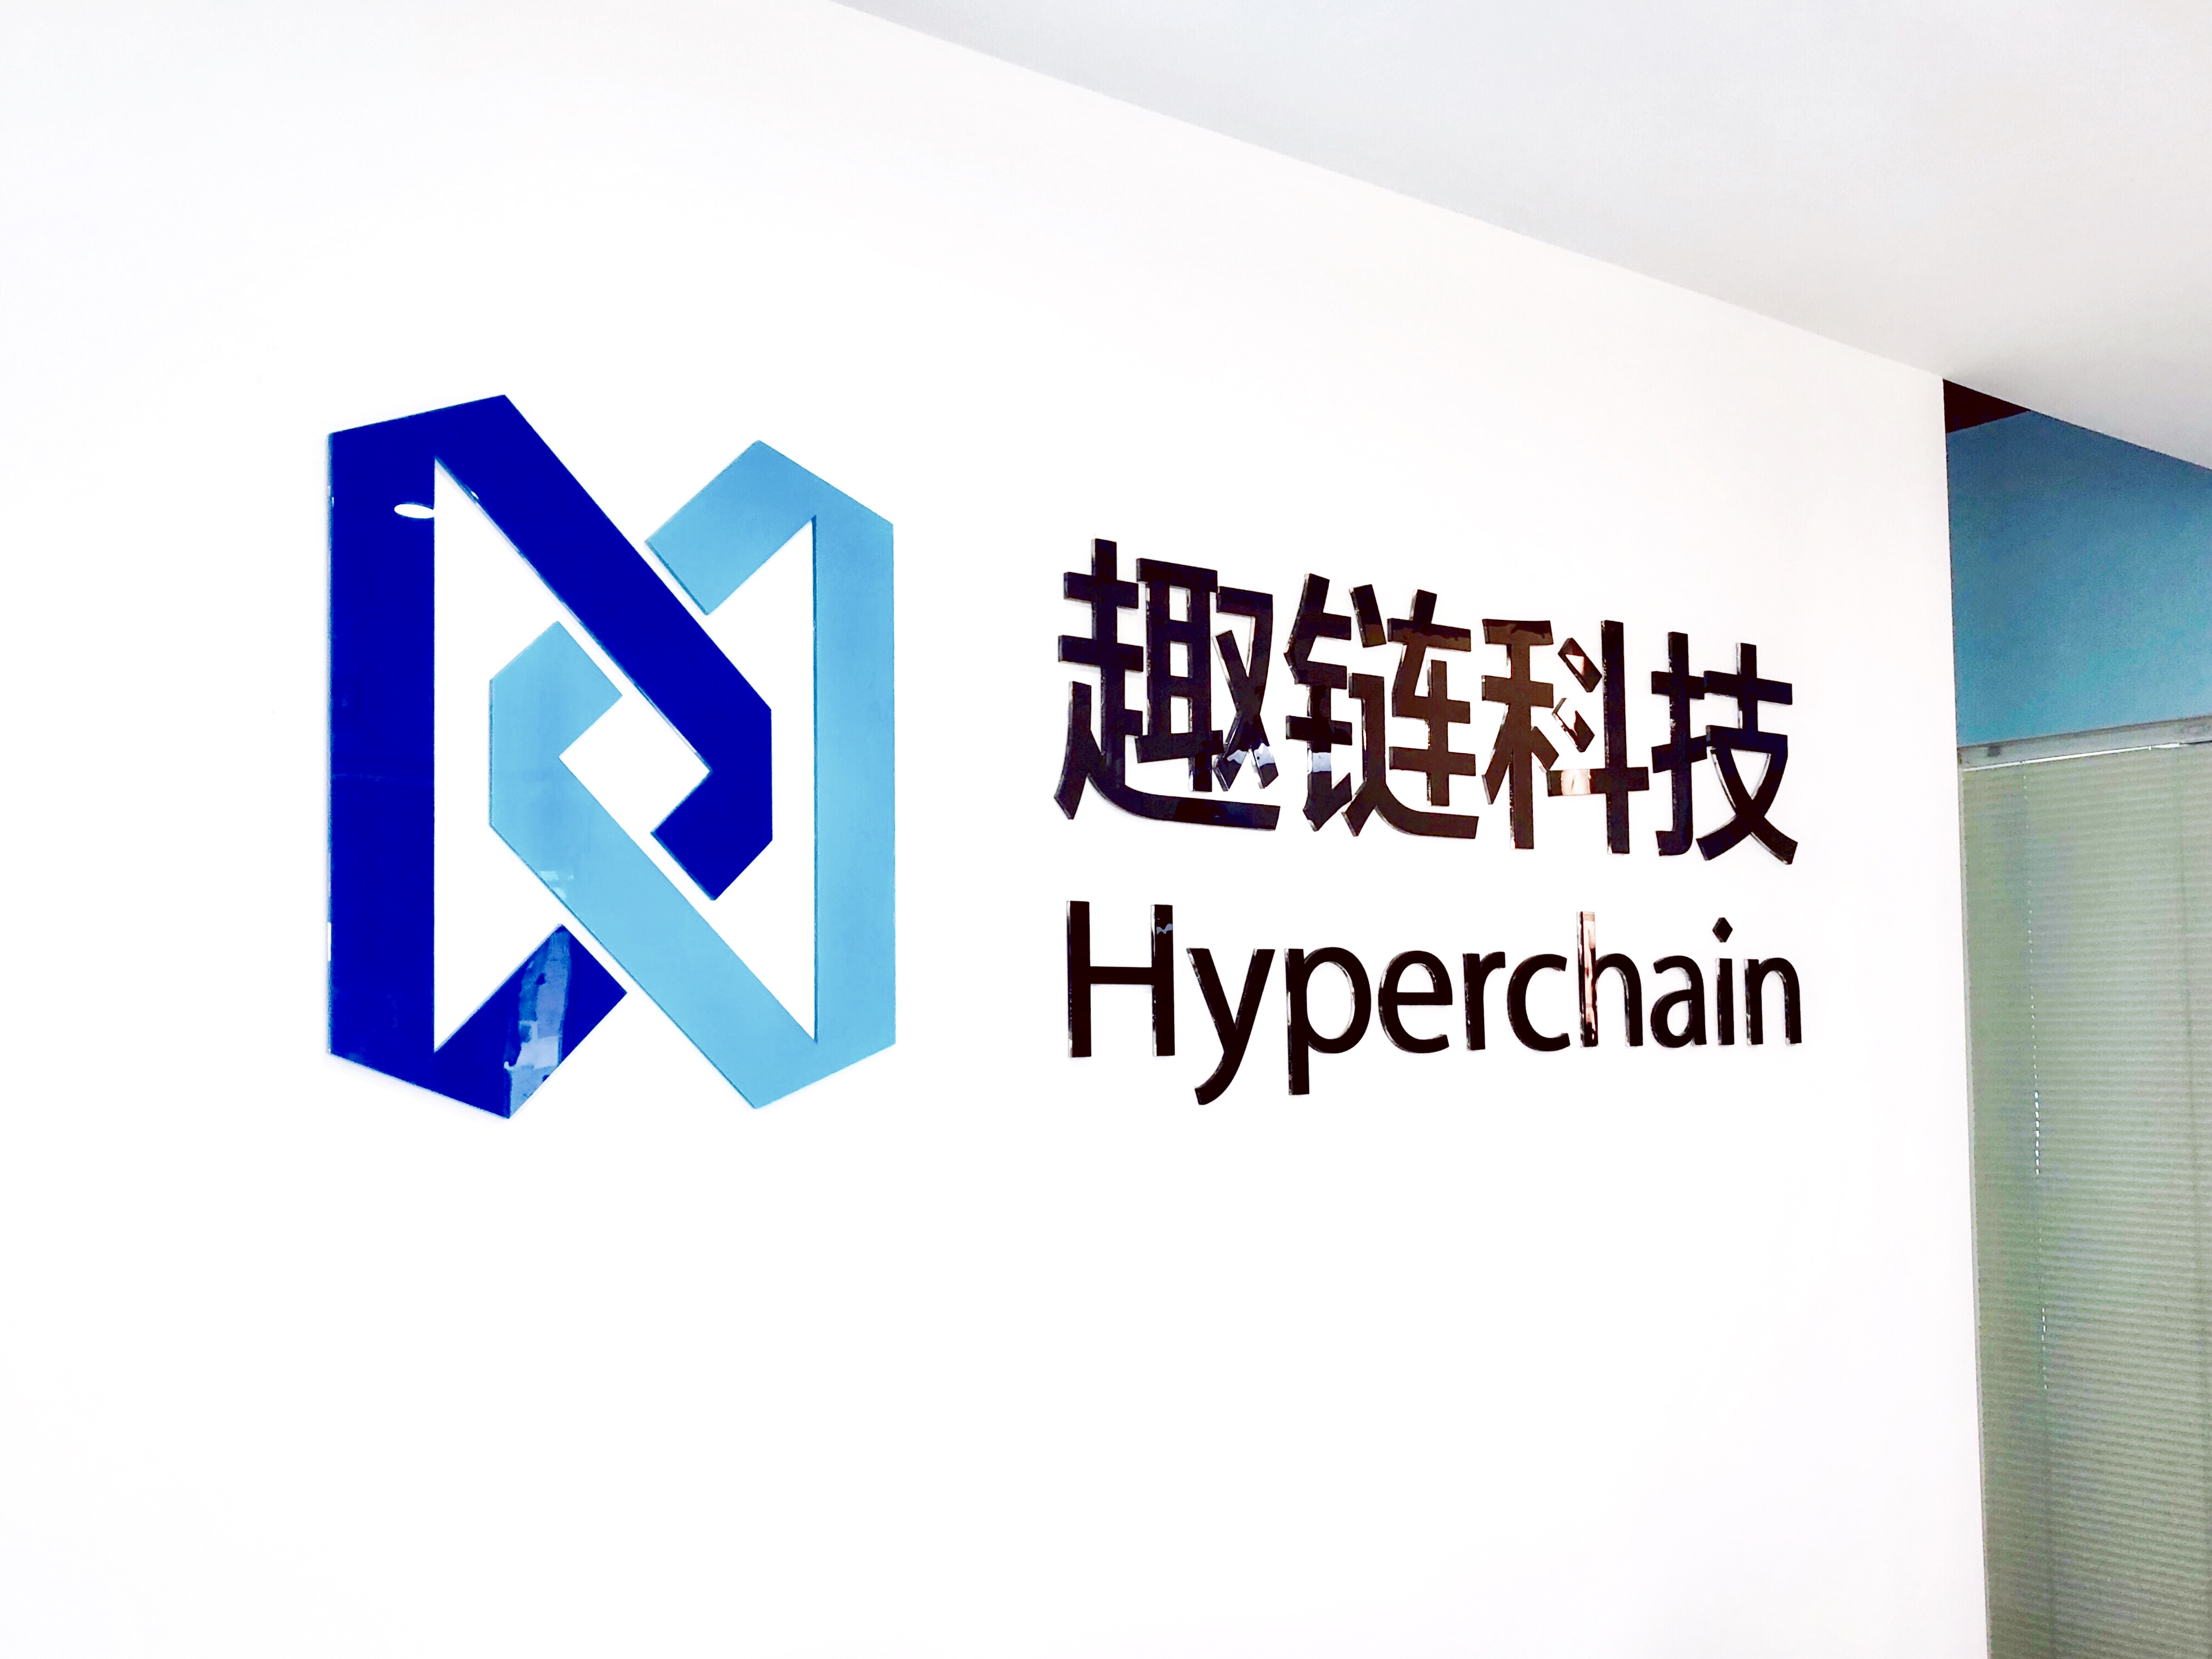 趣链科技、区块链价值,区块链技术,区块链应用